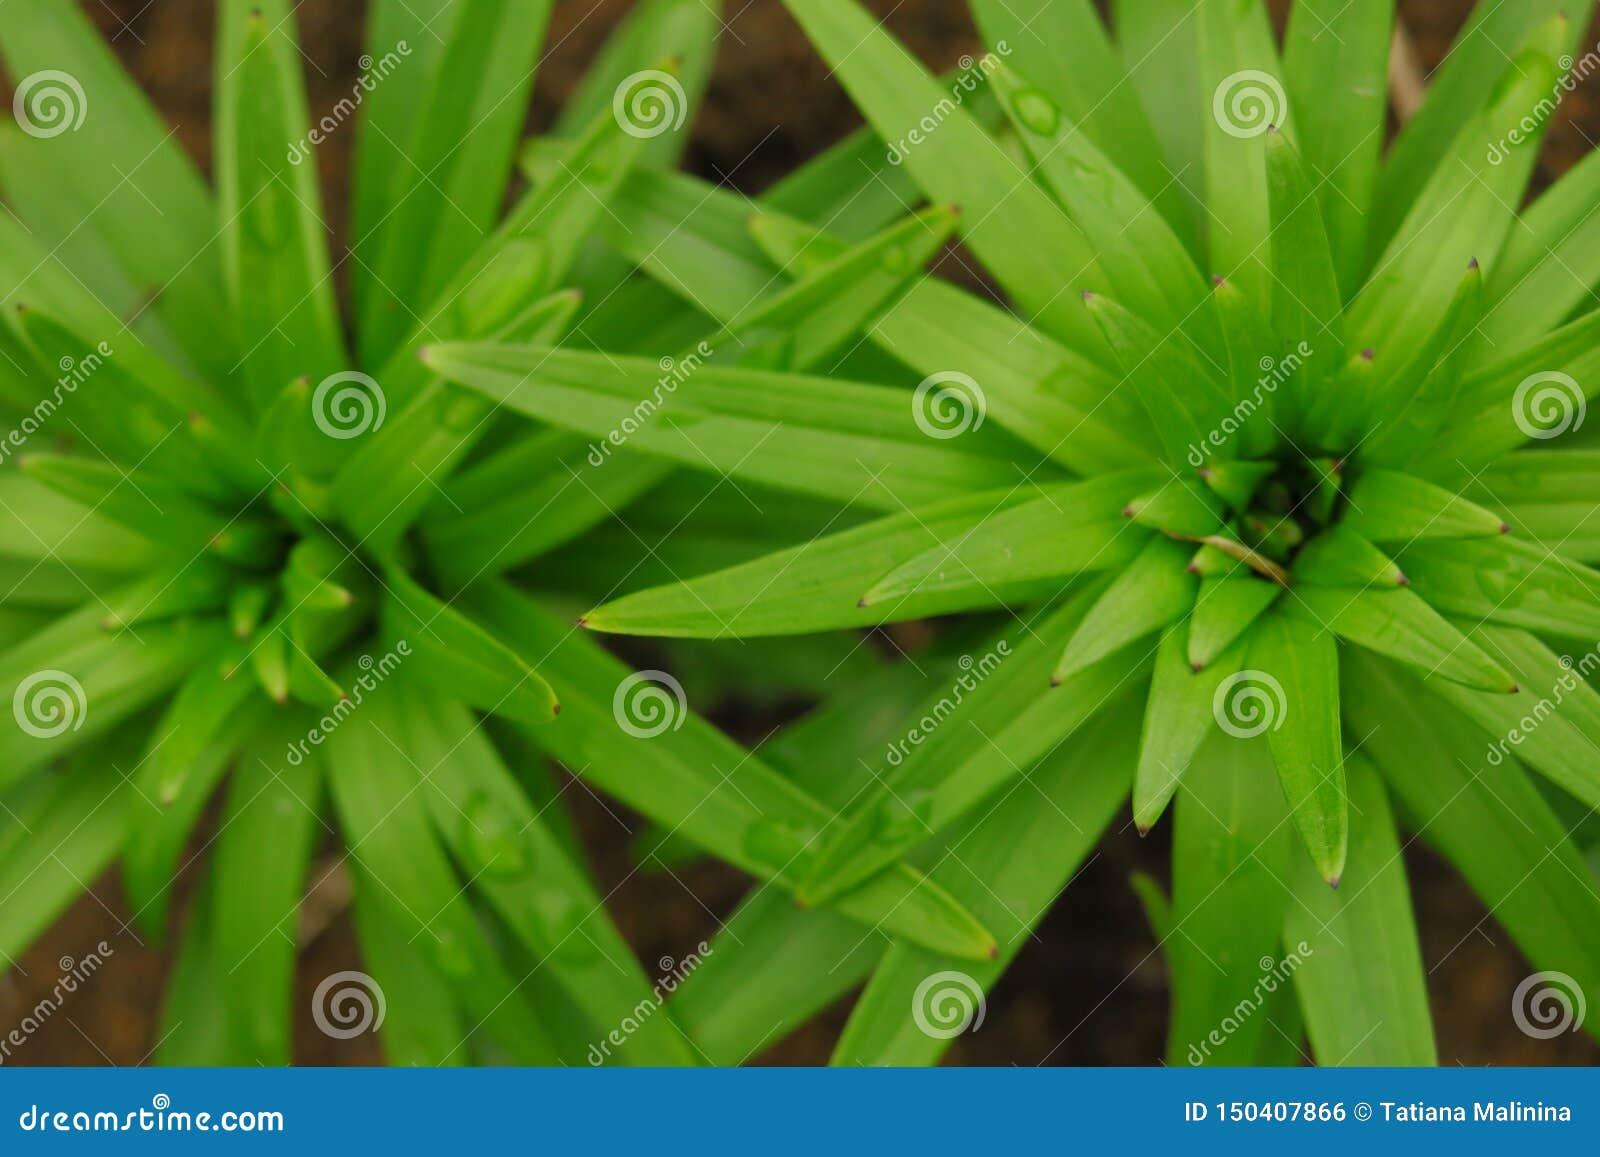 Красивая предпосылка листьев зеленого цвета лилии Цветки longiflorum лилии в саде текстура листьев